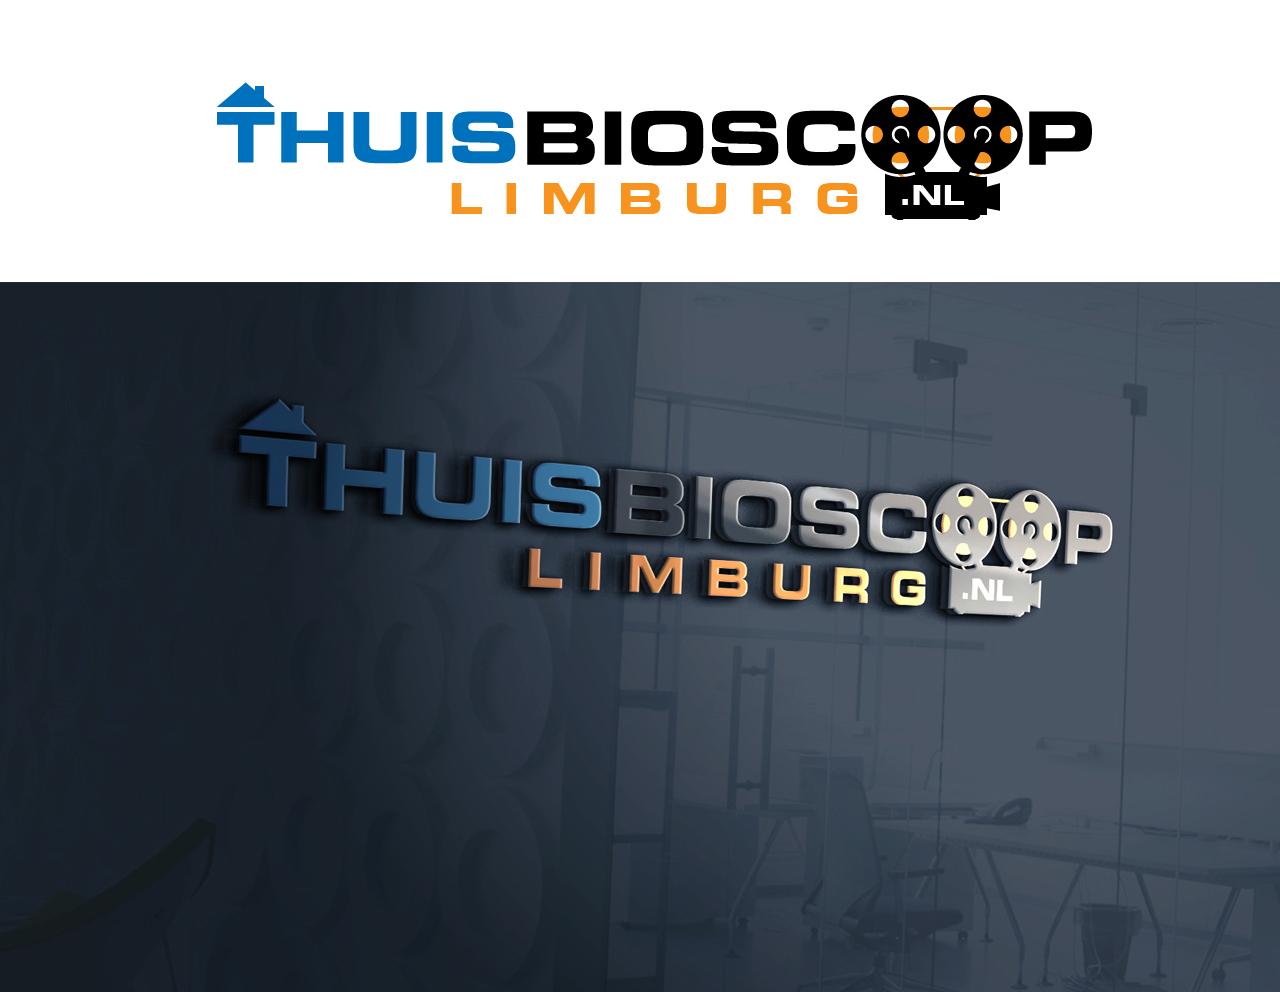 ThuisBioscoopLimburg.jpg